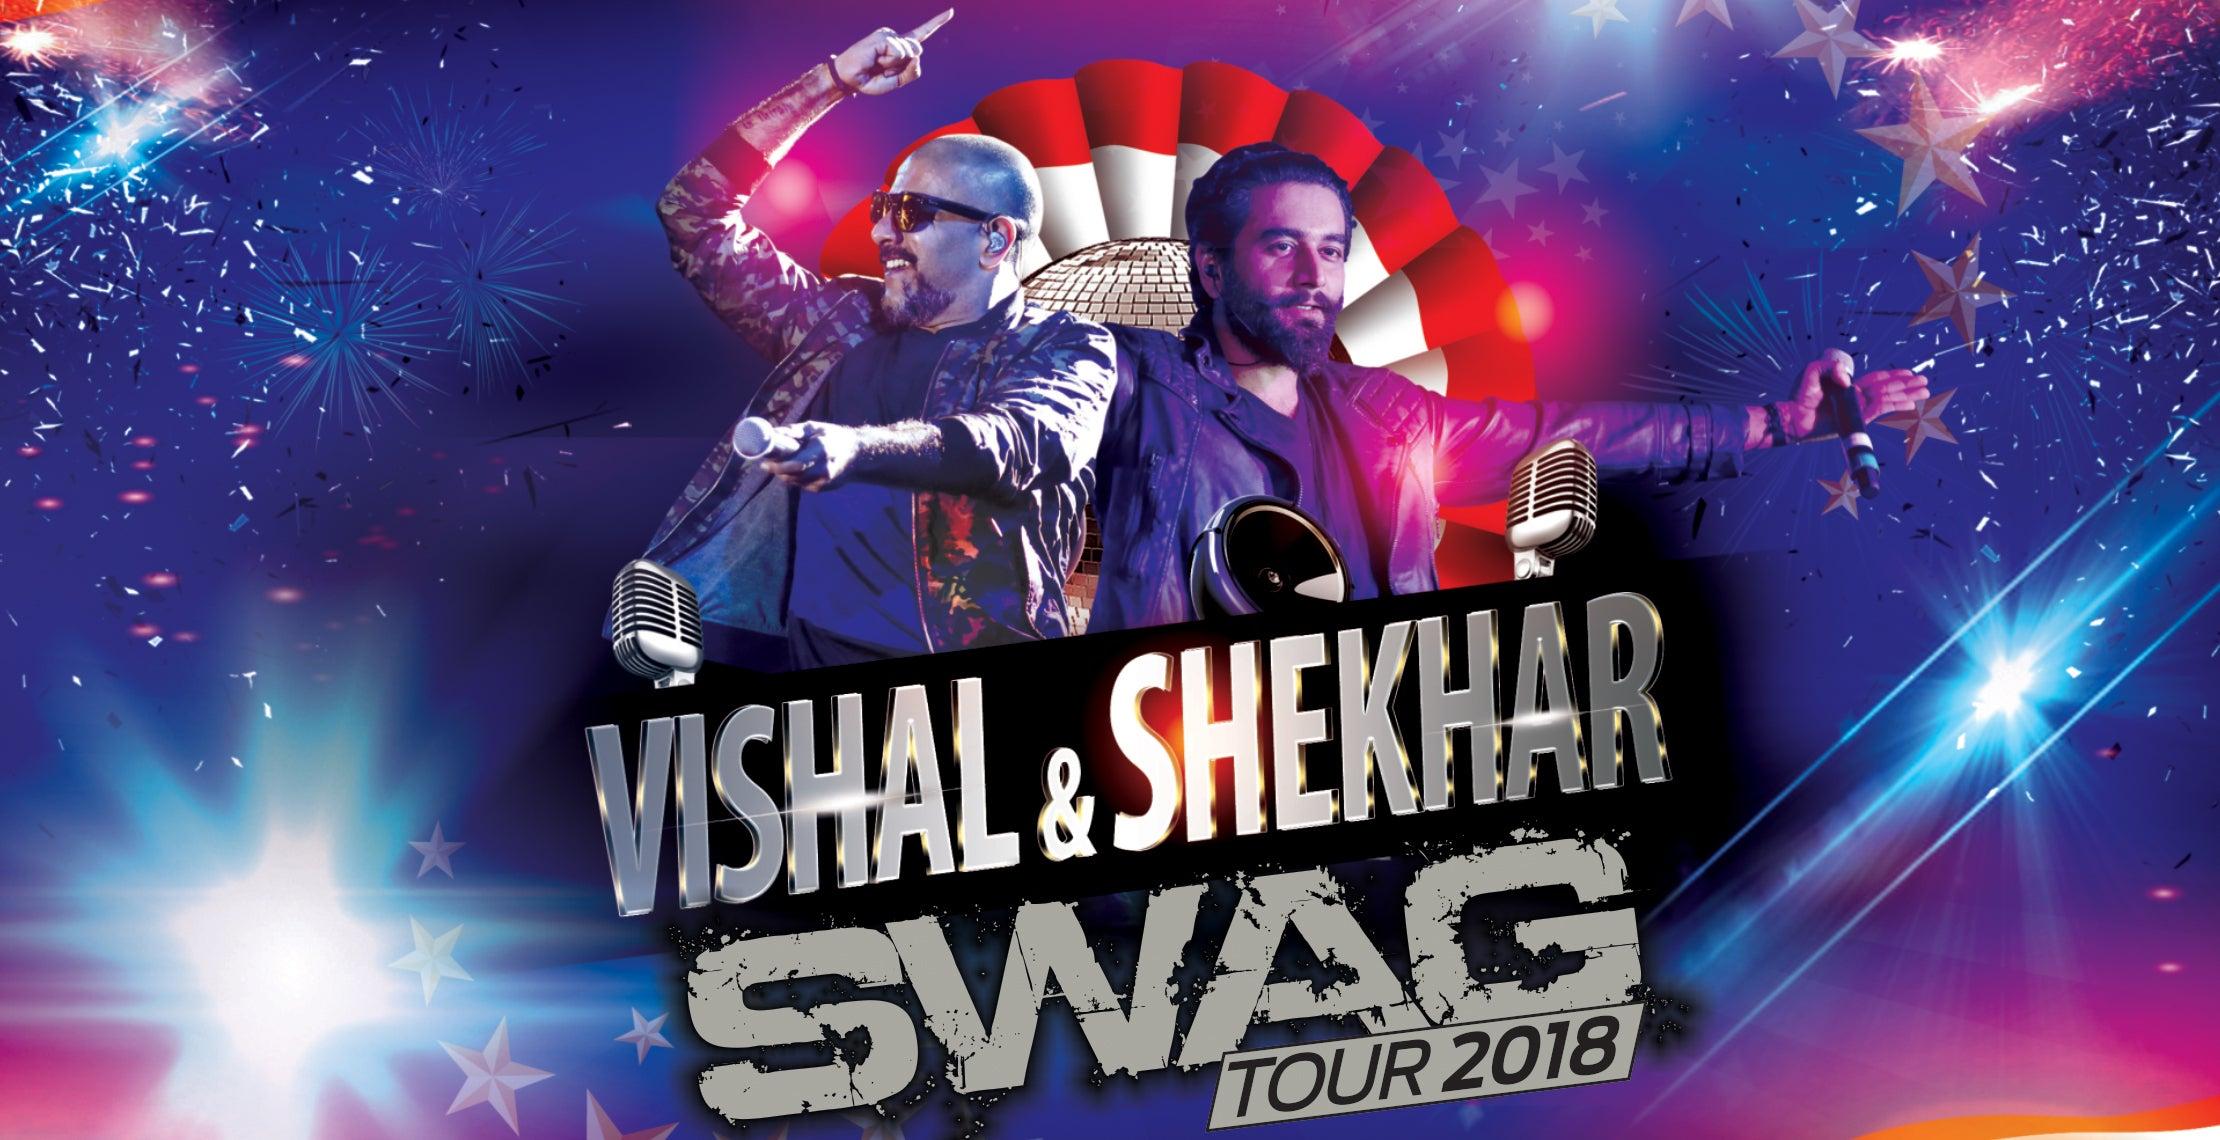 Vishal & Shekhar